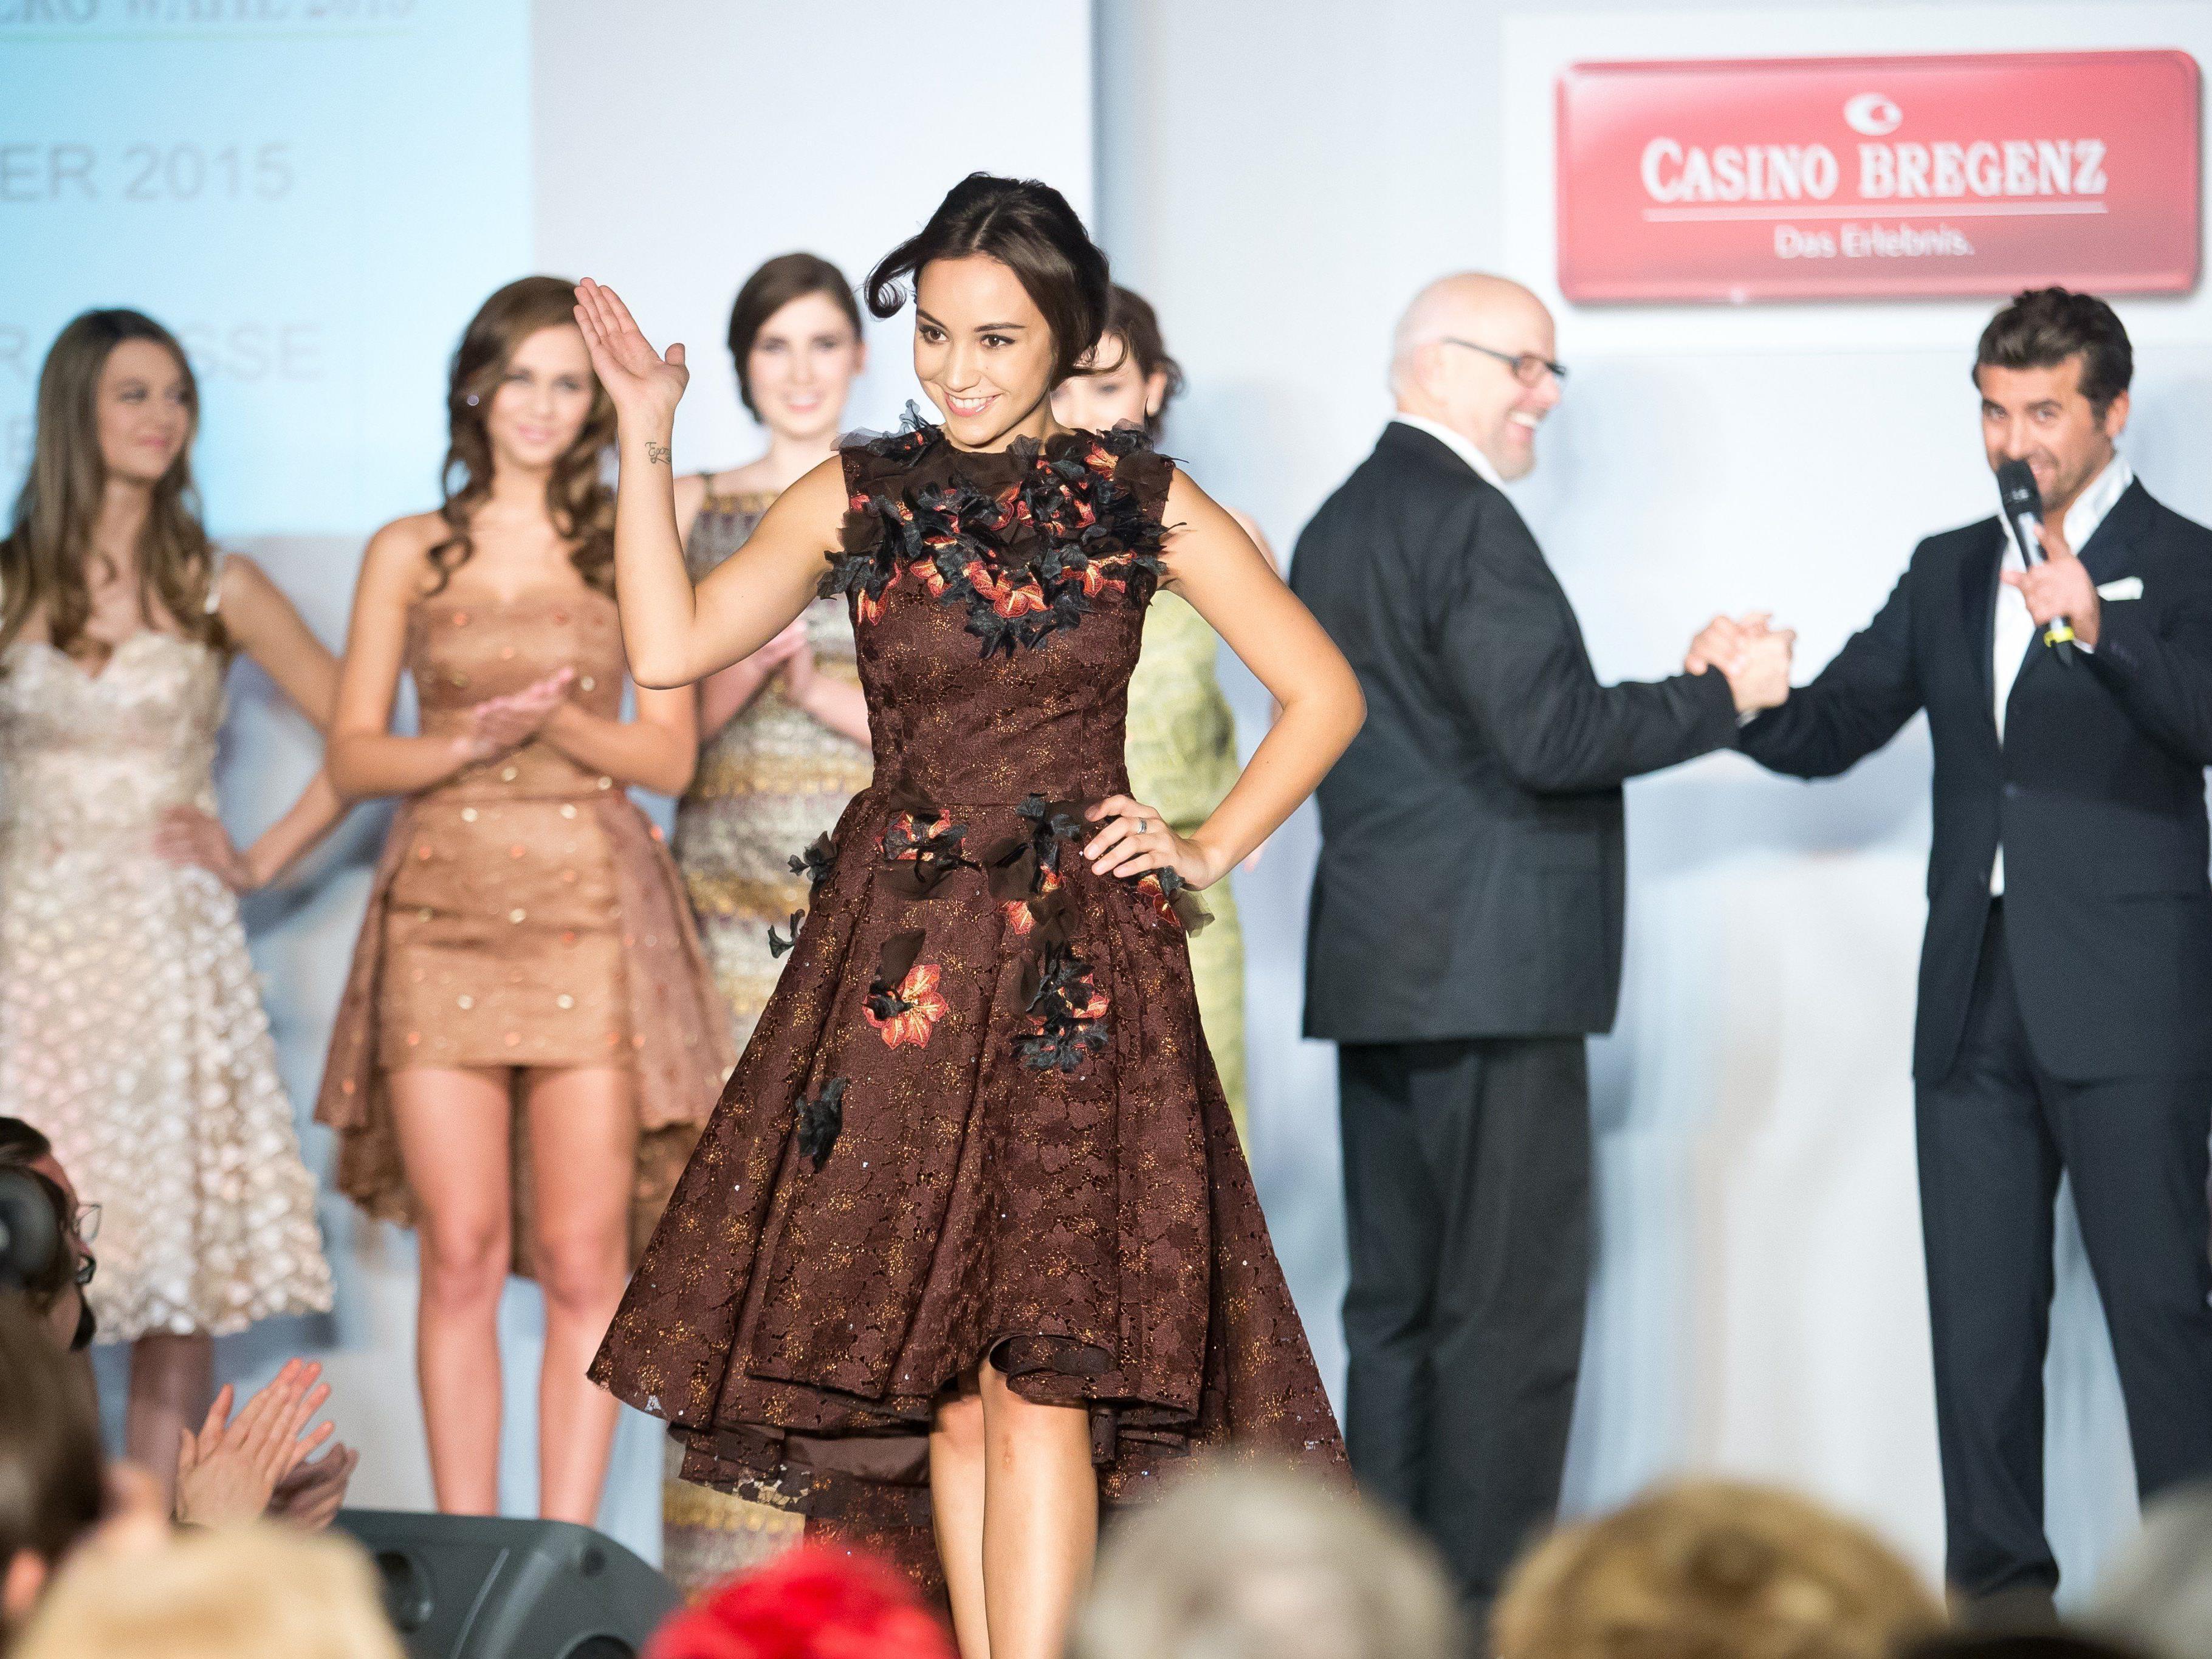 Gala der Missen: Kandidatinnen präsentierten sich im Casino Bregenz.